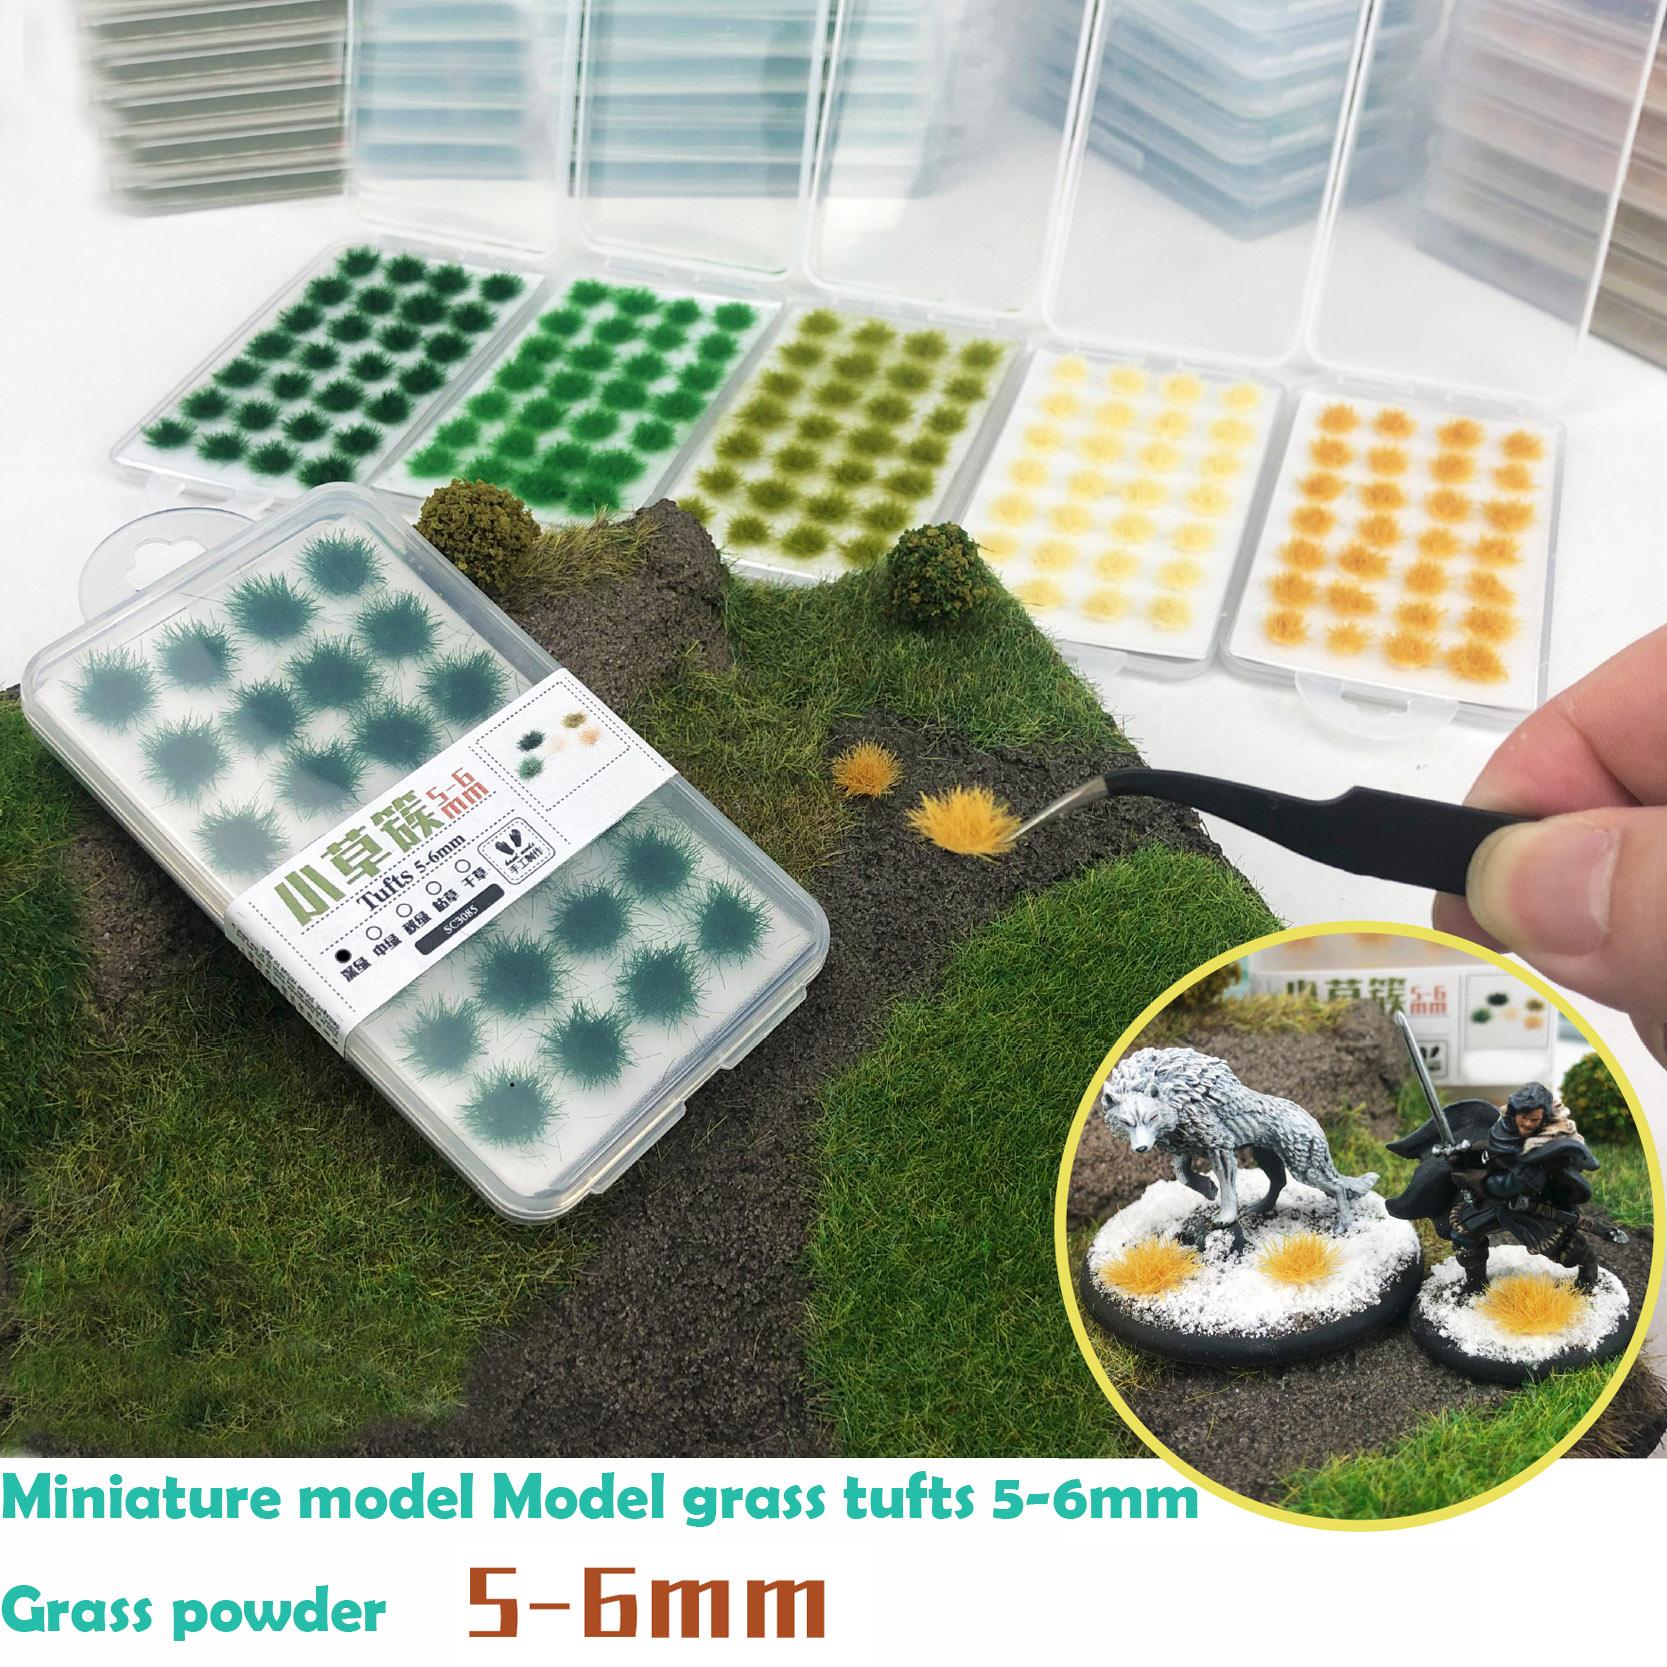 Modelo en miniatura de cañas de césped, 5-6mm, polvo de hierba, modelo pequeño de pajas, mesa de arena, materiales de simulación de escenario